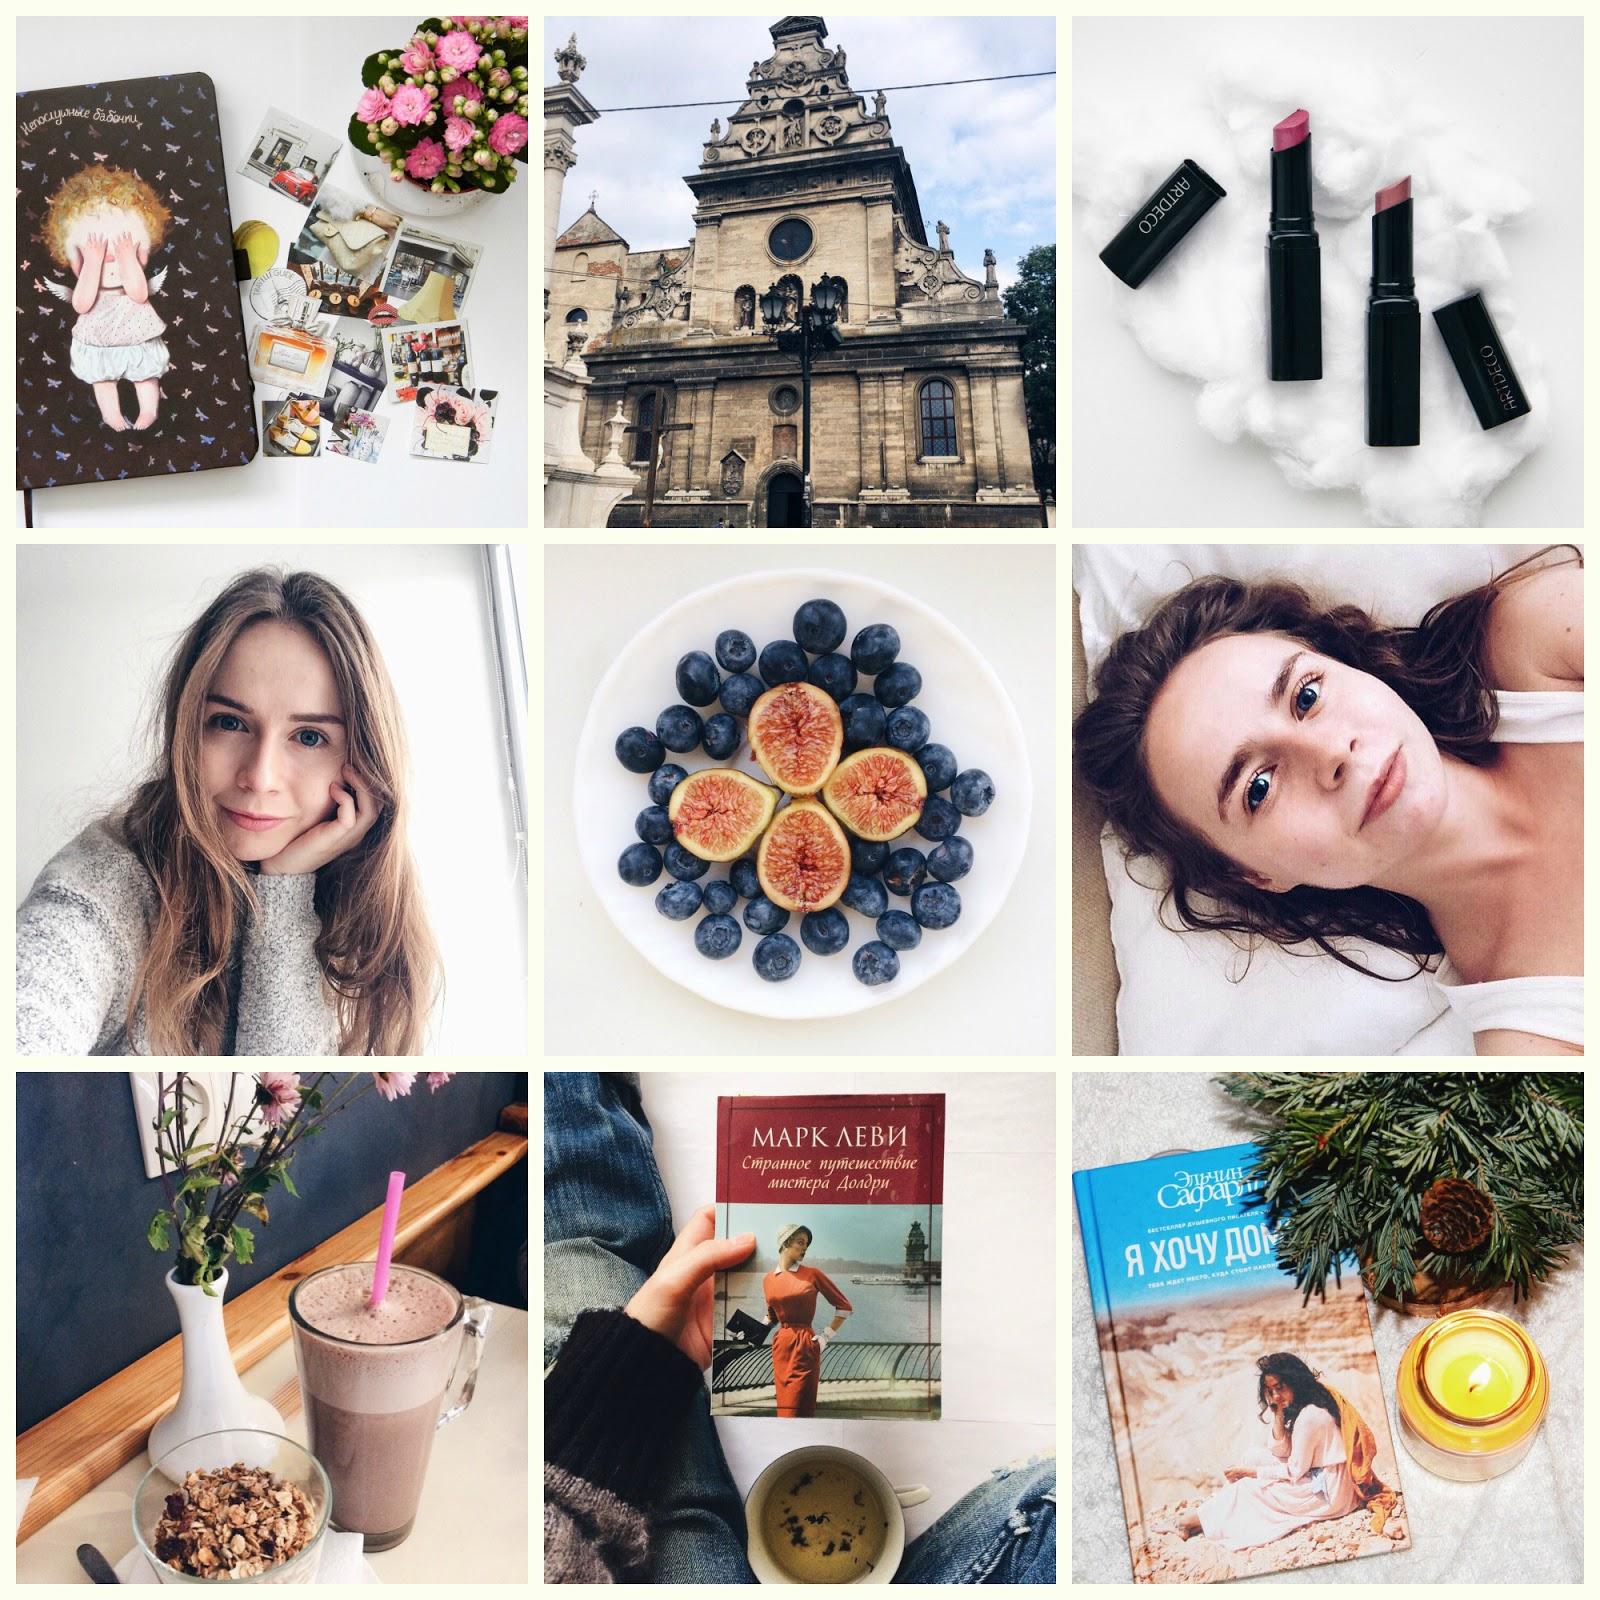 Как красиво оформить картинки в инстаграм